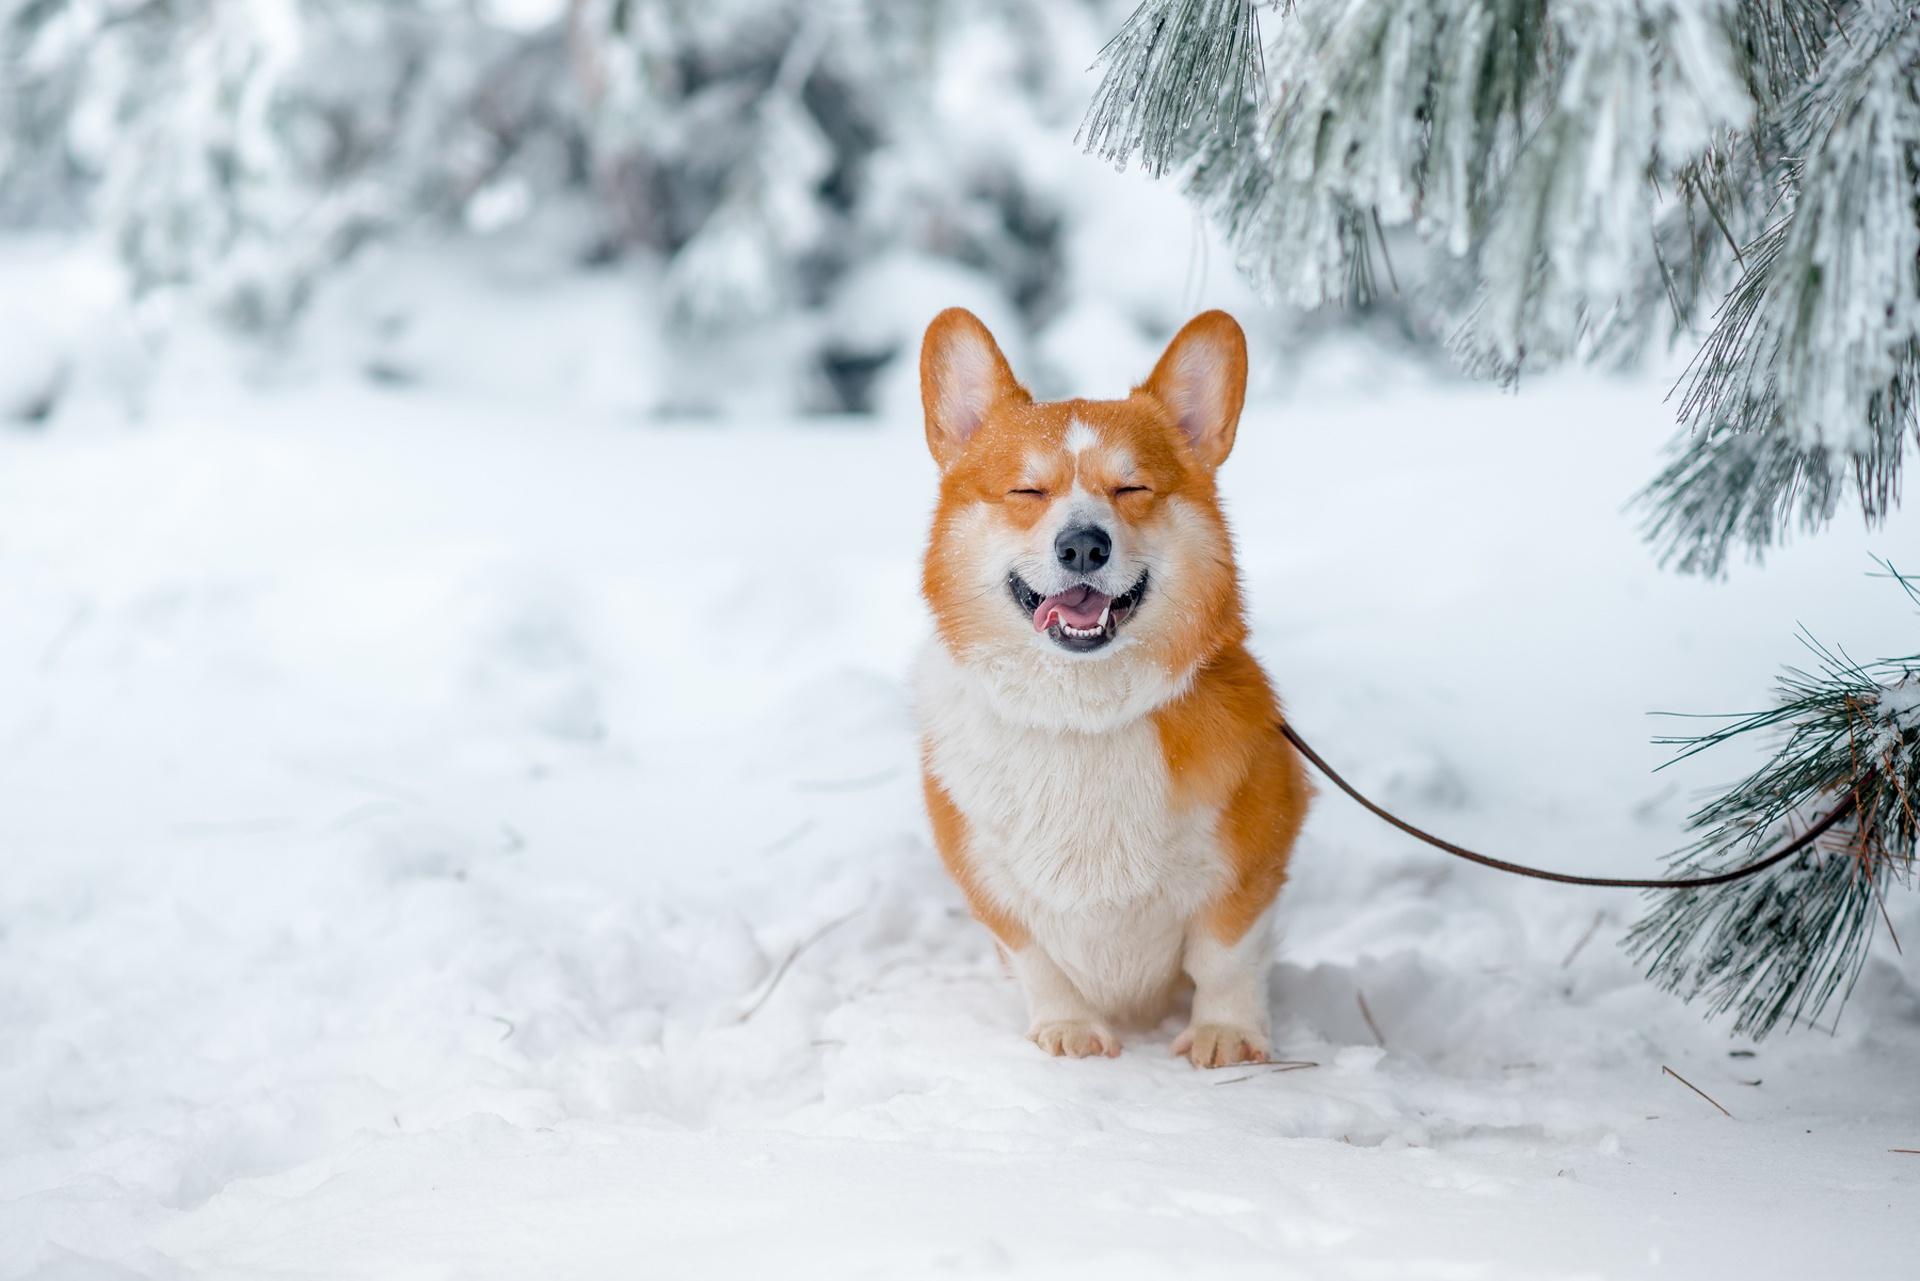 デスクトップ壁紙 19x1281 Px 動物 コーギー 犬 自然 雪 19x1281 Goodfon デスクトップ壁紙 Wallhere